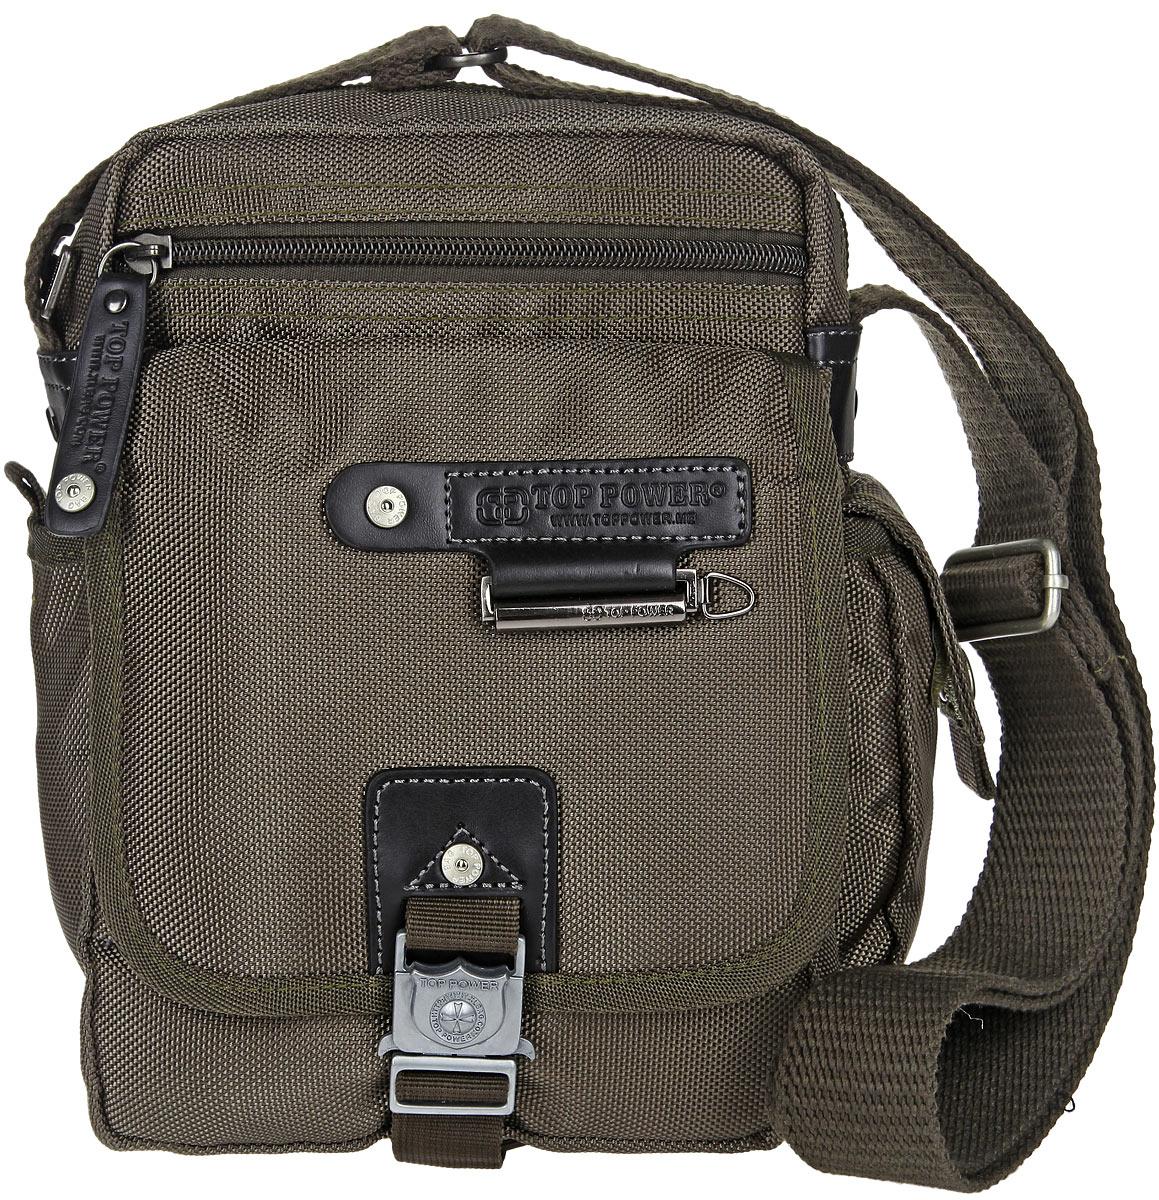 Сумка-планшет мужская Top Power, цвет: хаки. 1385 TPS76245Стильная мужская сумка-планшет Top Power выполнена из нейлона, полиэстера и искусственной кожи. Изделие имеет одно основное отделение, которое закрывается на застежку-молнию. Внутри находится прорезной карман на застежке-молнии, два накладных открытых кармана и накладной карман, закрывающийся на клапан с застежкой-липучкой. Снаружи, на передней стенке располагается прорезной карман на застежке-молнии, под клапаном с застежкой-защелкой - два накладных открытых кармана и два держателя для авторучек. По бокам накладные карманы, один из которых закрывается на застежку-липучку, второй - на клапан с застежкой-липучкой. На задней стенке предусмотрен дополнительный прорезной карман на застежке-молнии. Сумка оснащена текстильным плечевым ремнем регулируемой длины. Удобная и стильная сумка Top Power призвана подчеркнуть ваш неповторимый стиль.